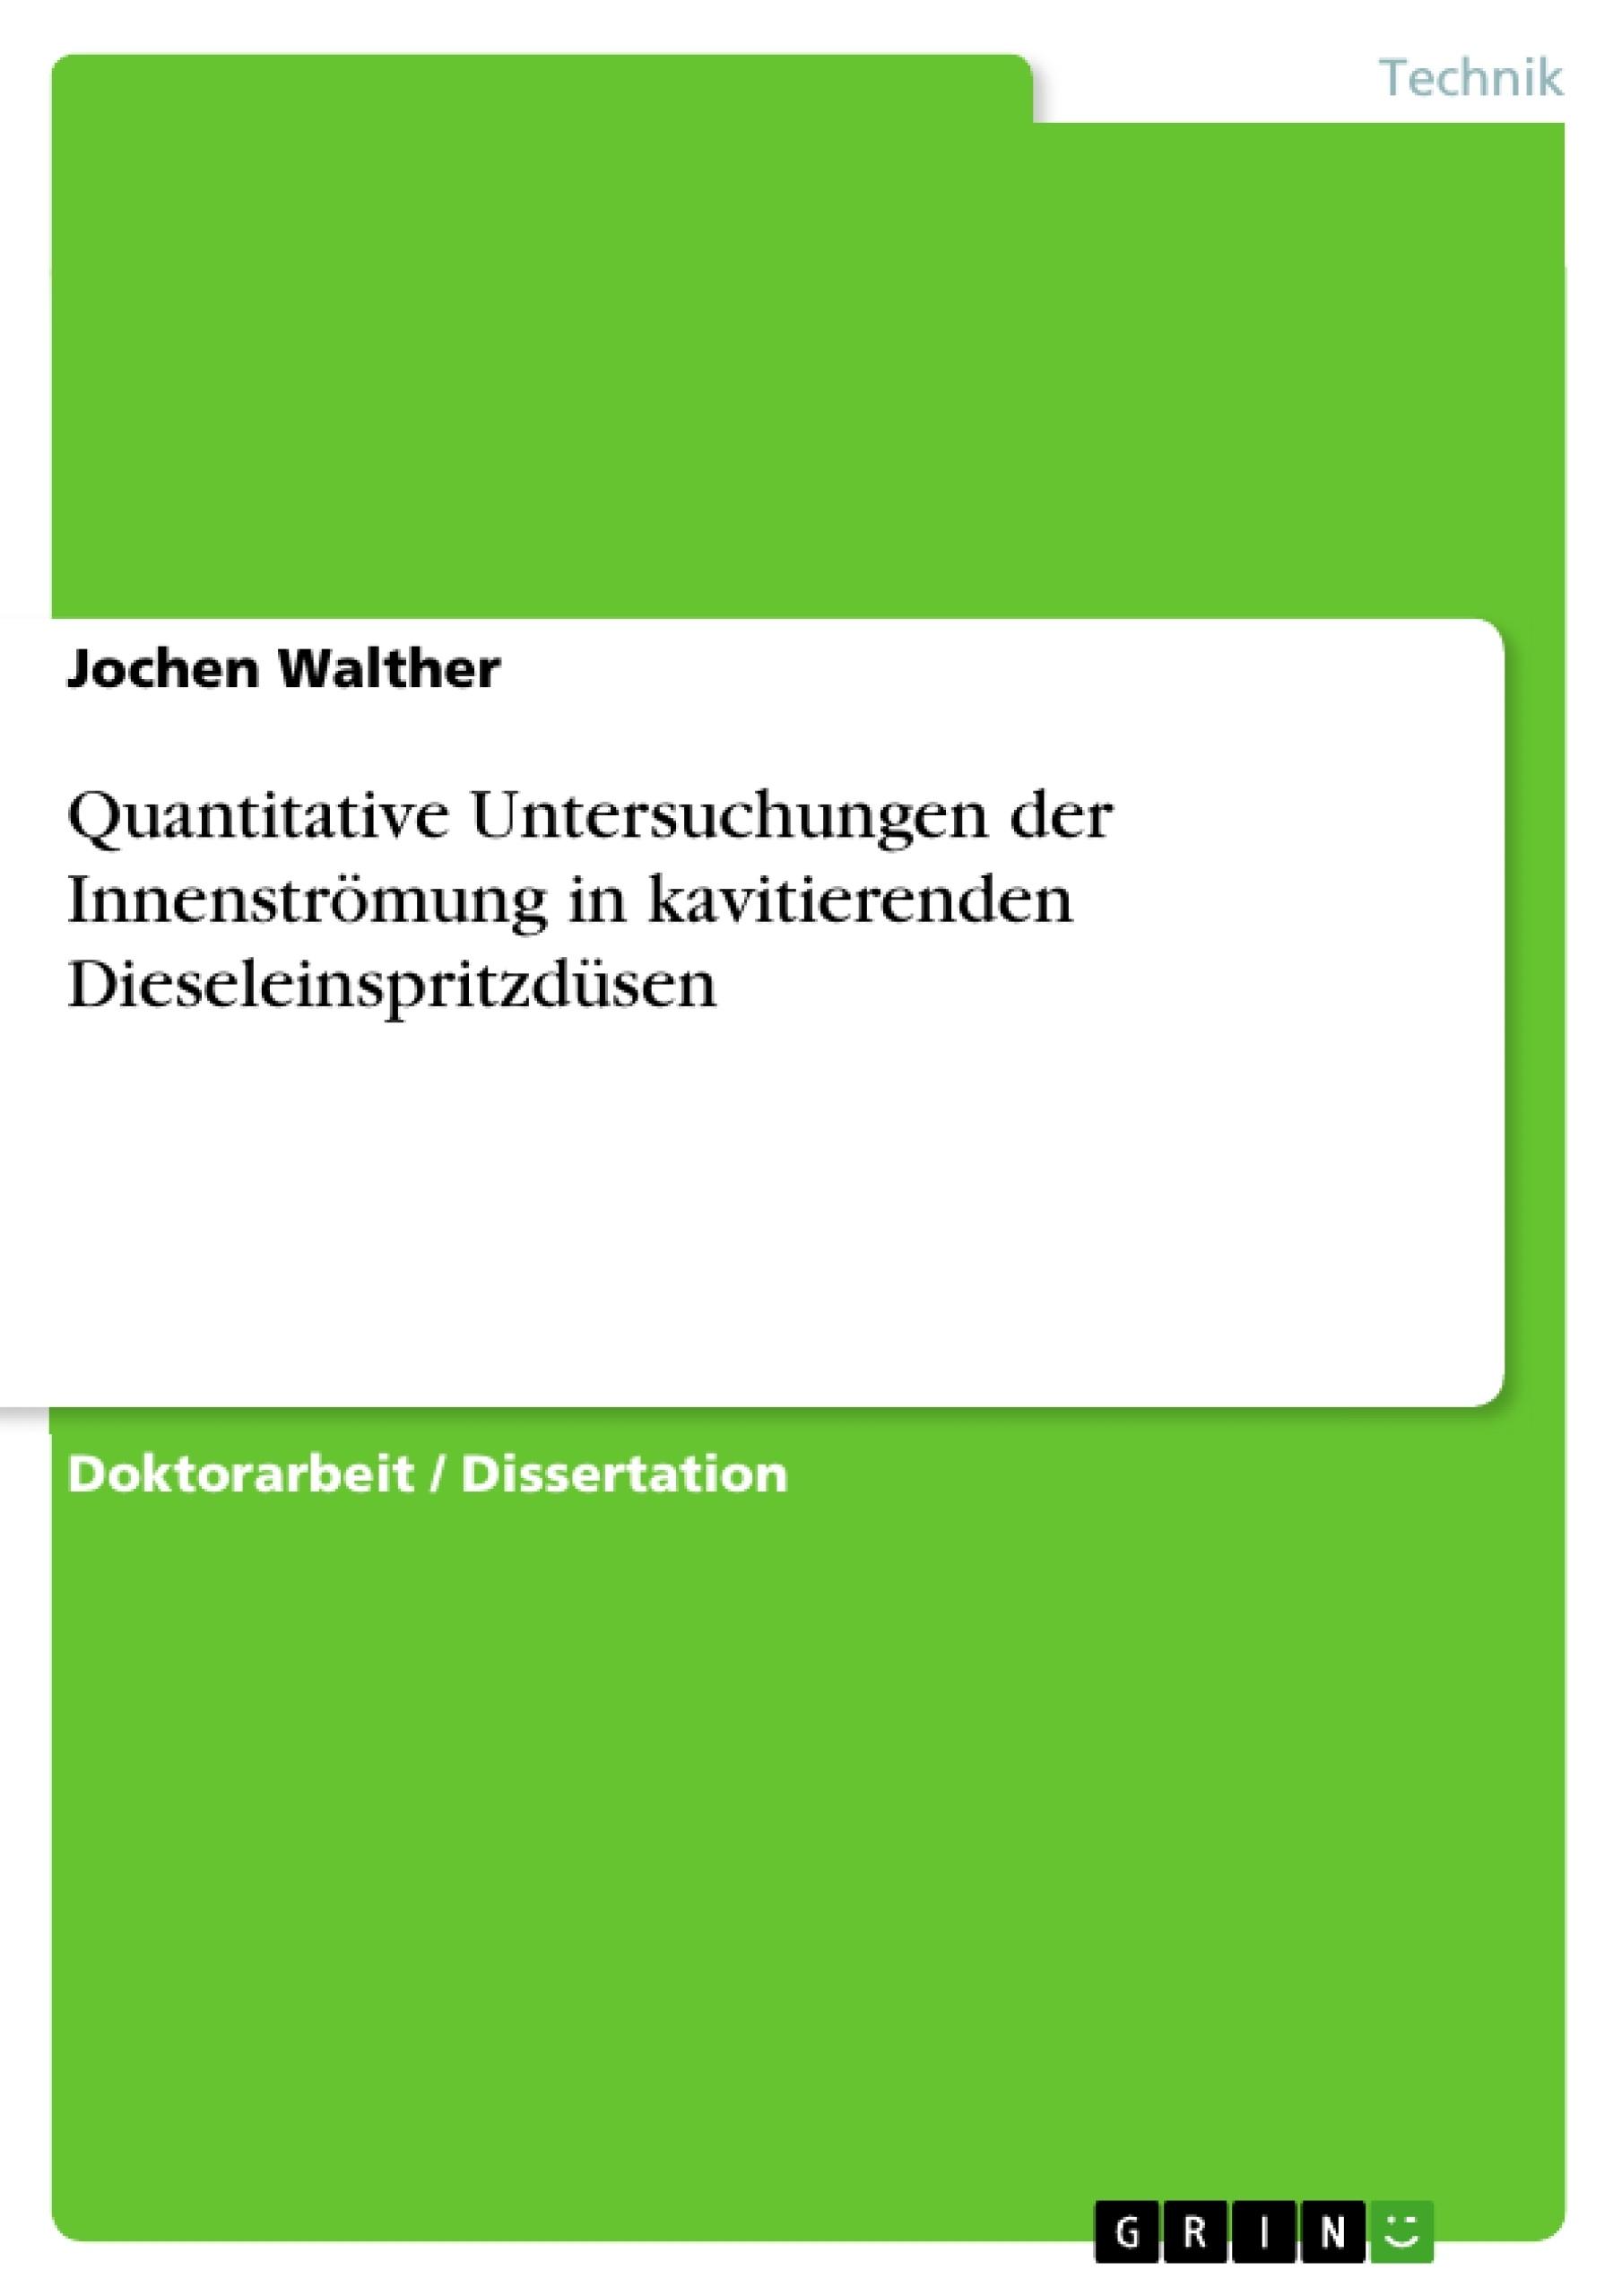 Titel: Quantitative Untersuchungen der Innenströmung in kavitierenden Dieseleinspritzdüsen